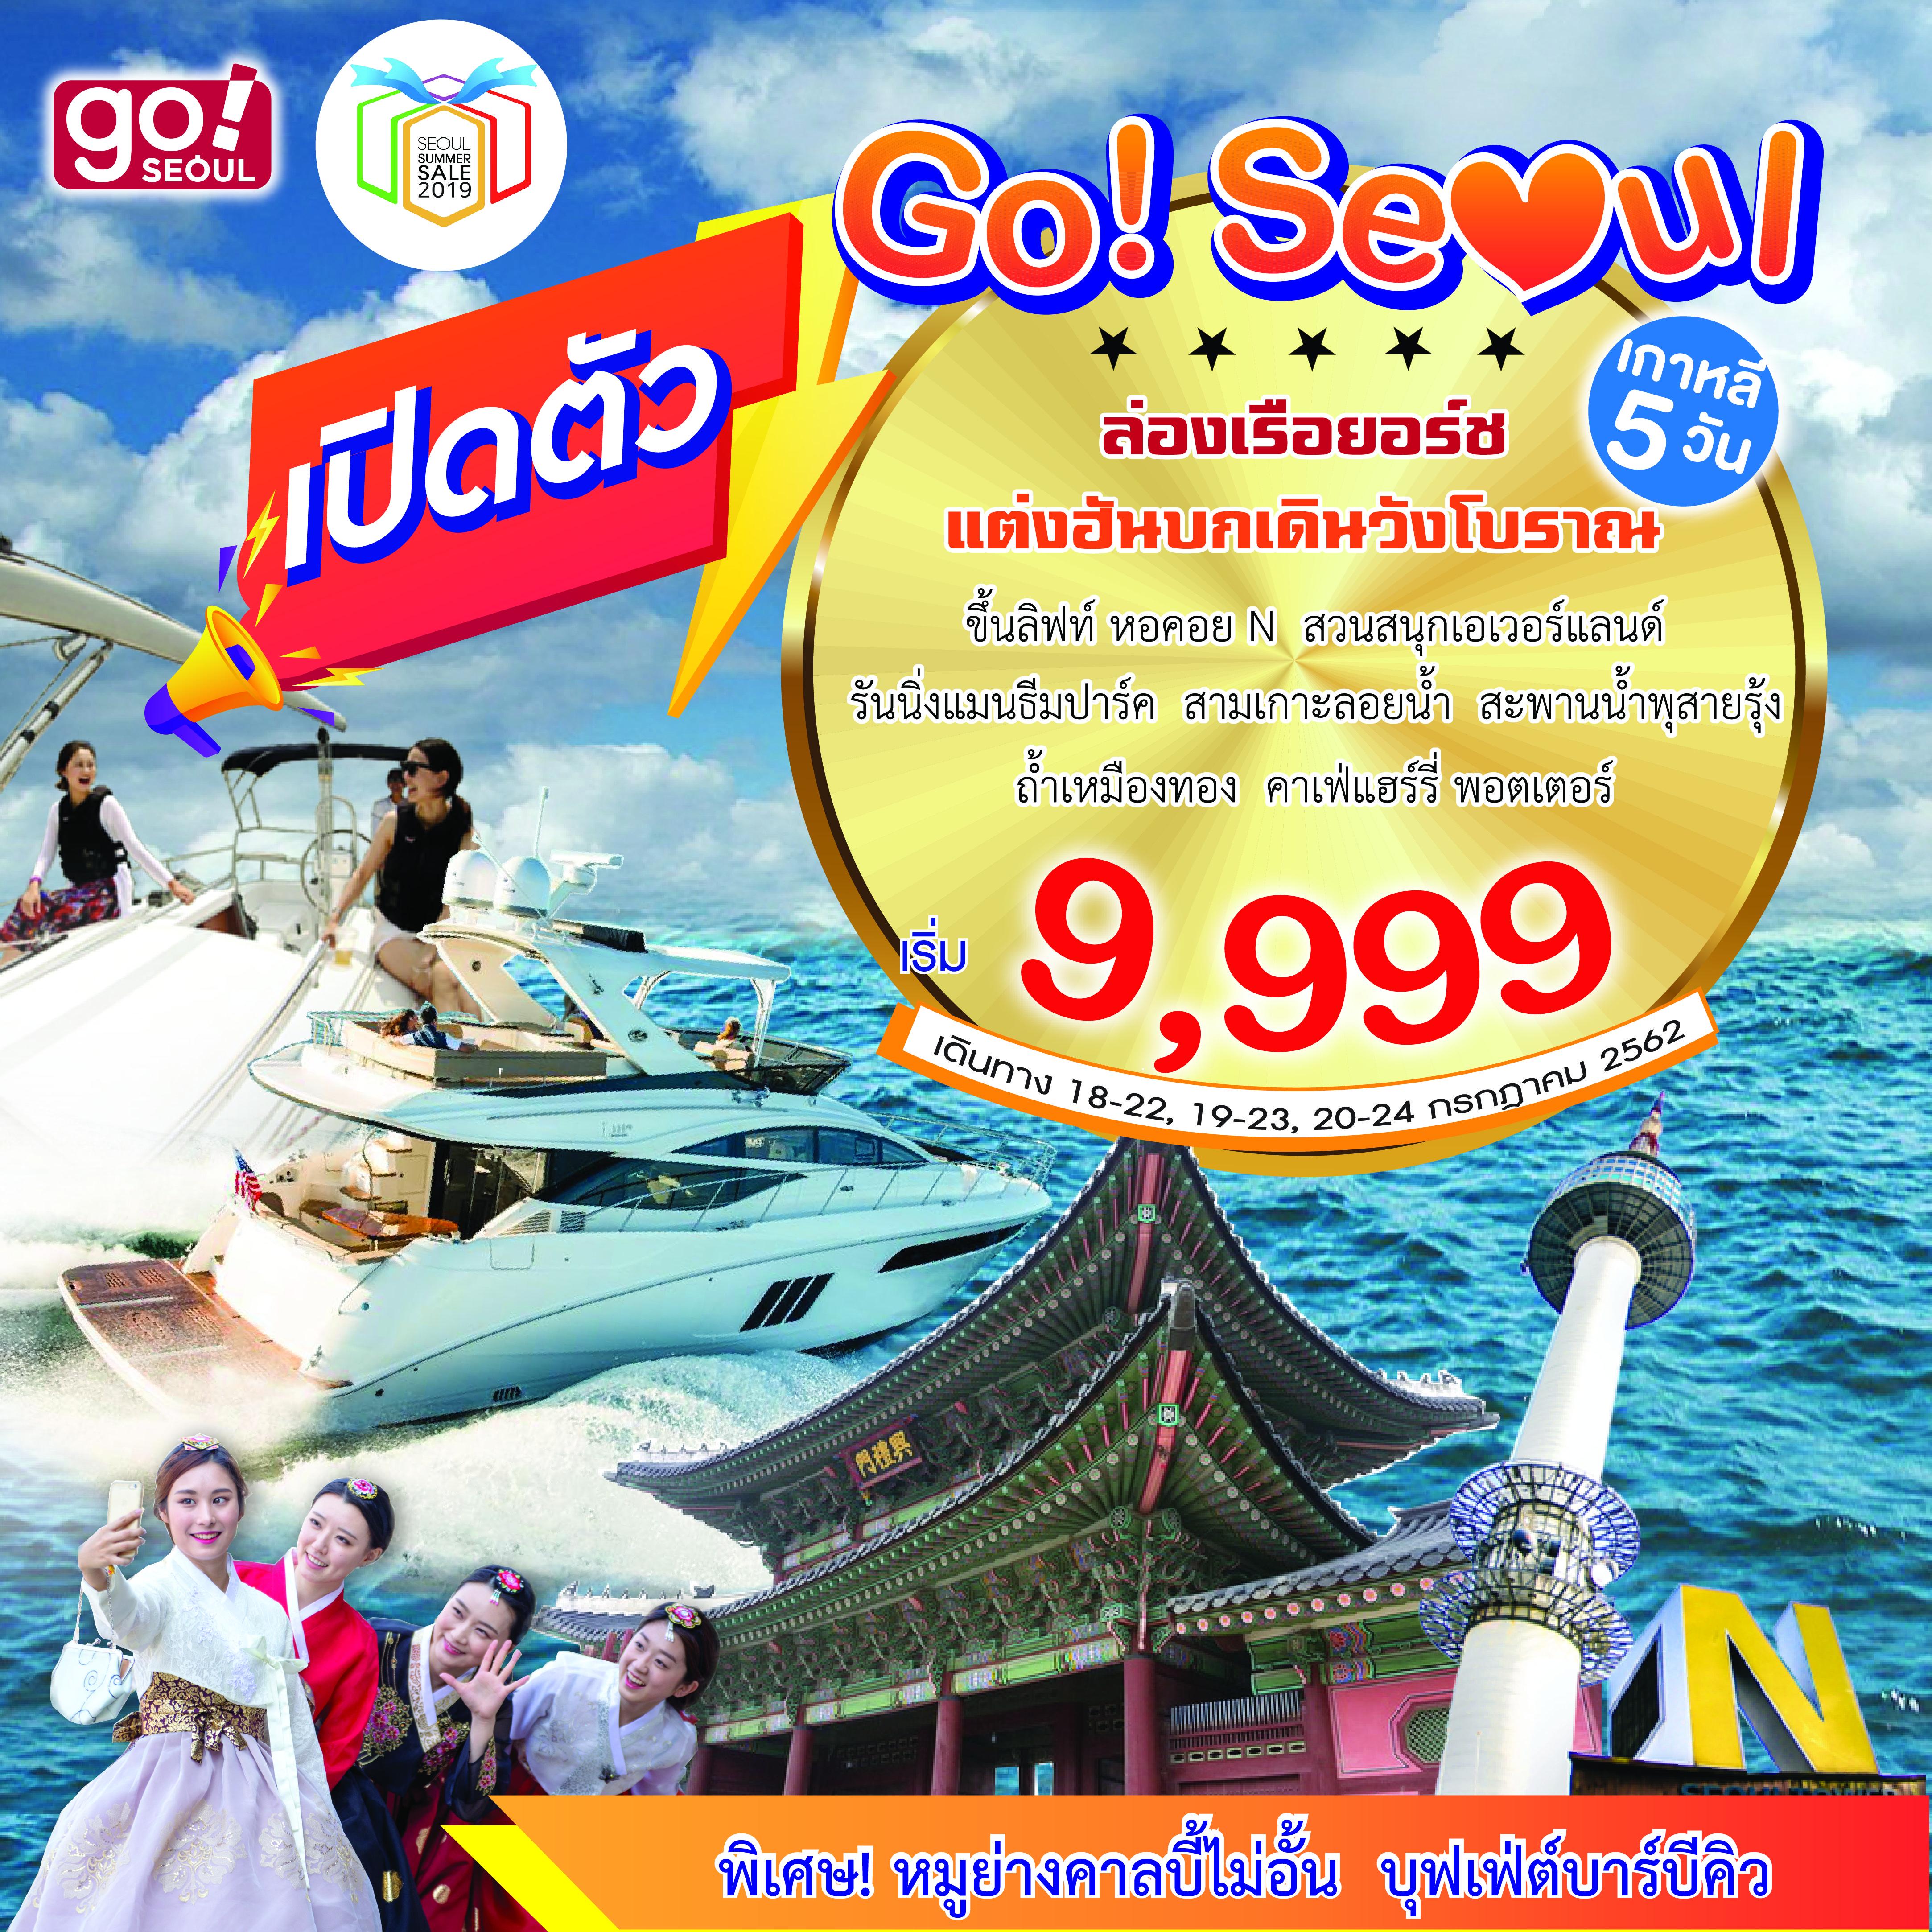 💢เกาหลีเรือยอร์ช 9,999.- BUDGET GO! SEOUL YACHT PRO (JUL19)